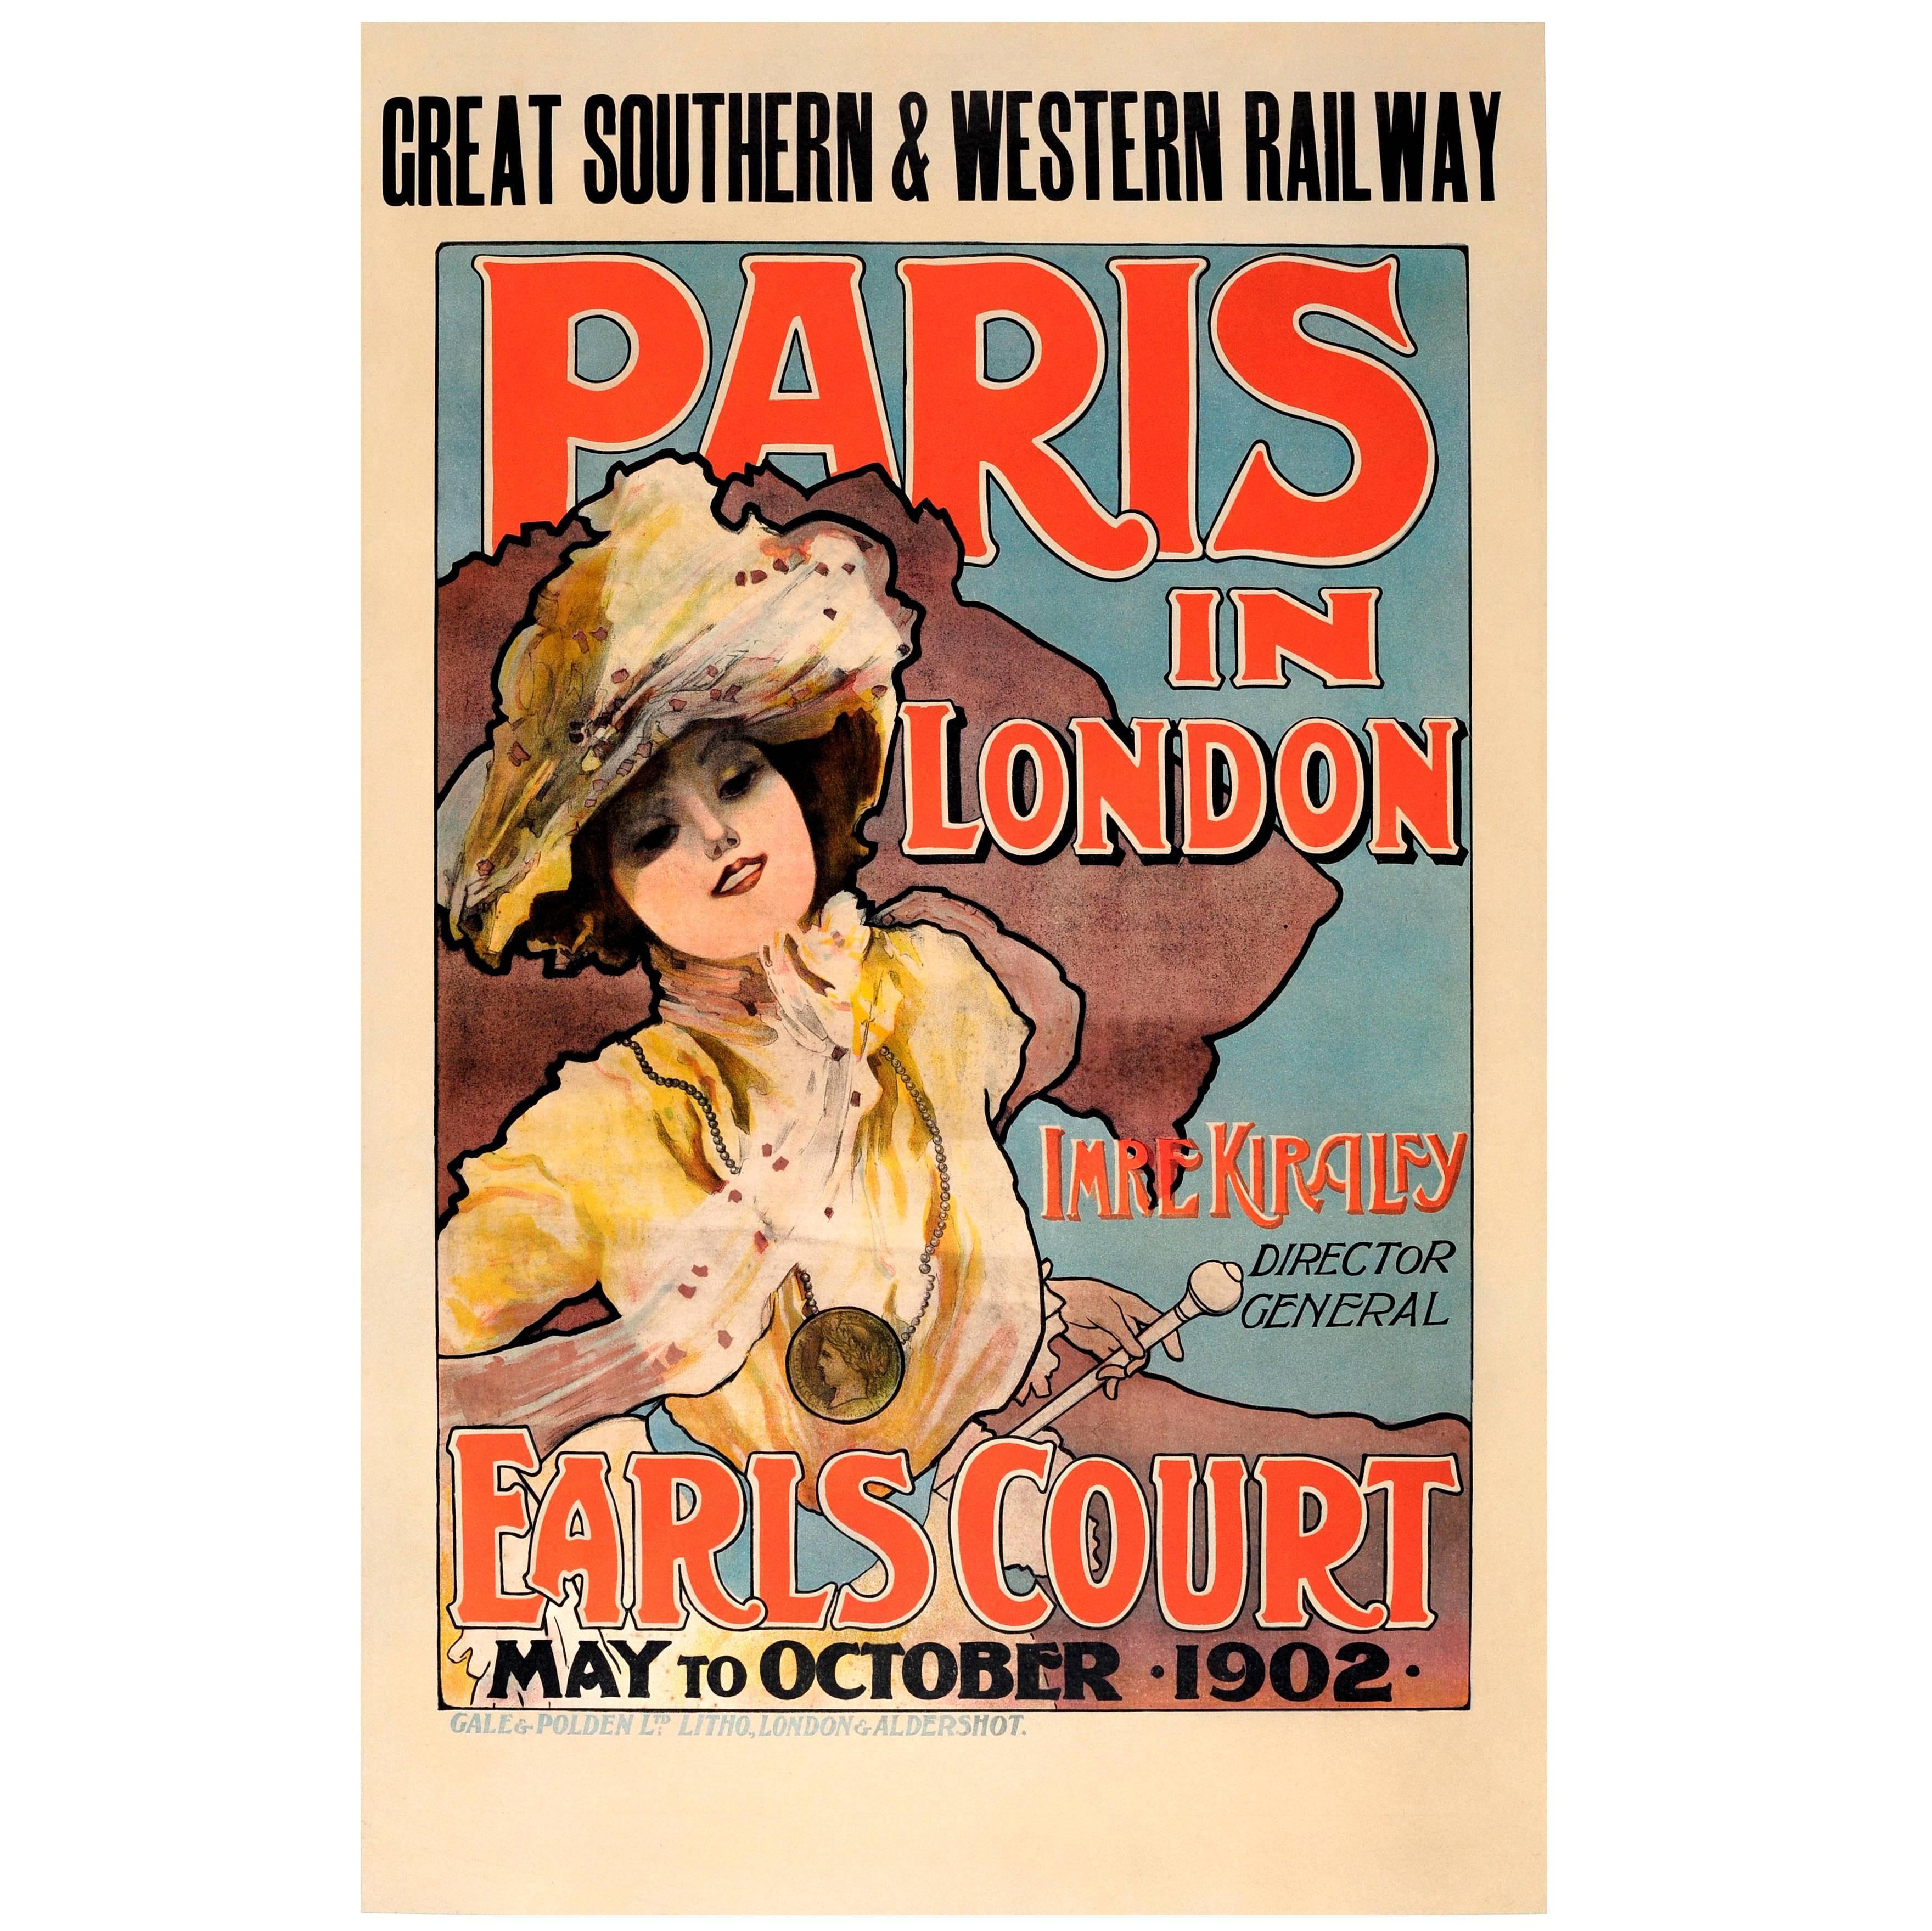 Original Antique Art Nouveau Poster GSWRailway Paris In London 1902 Imre Kiralfy